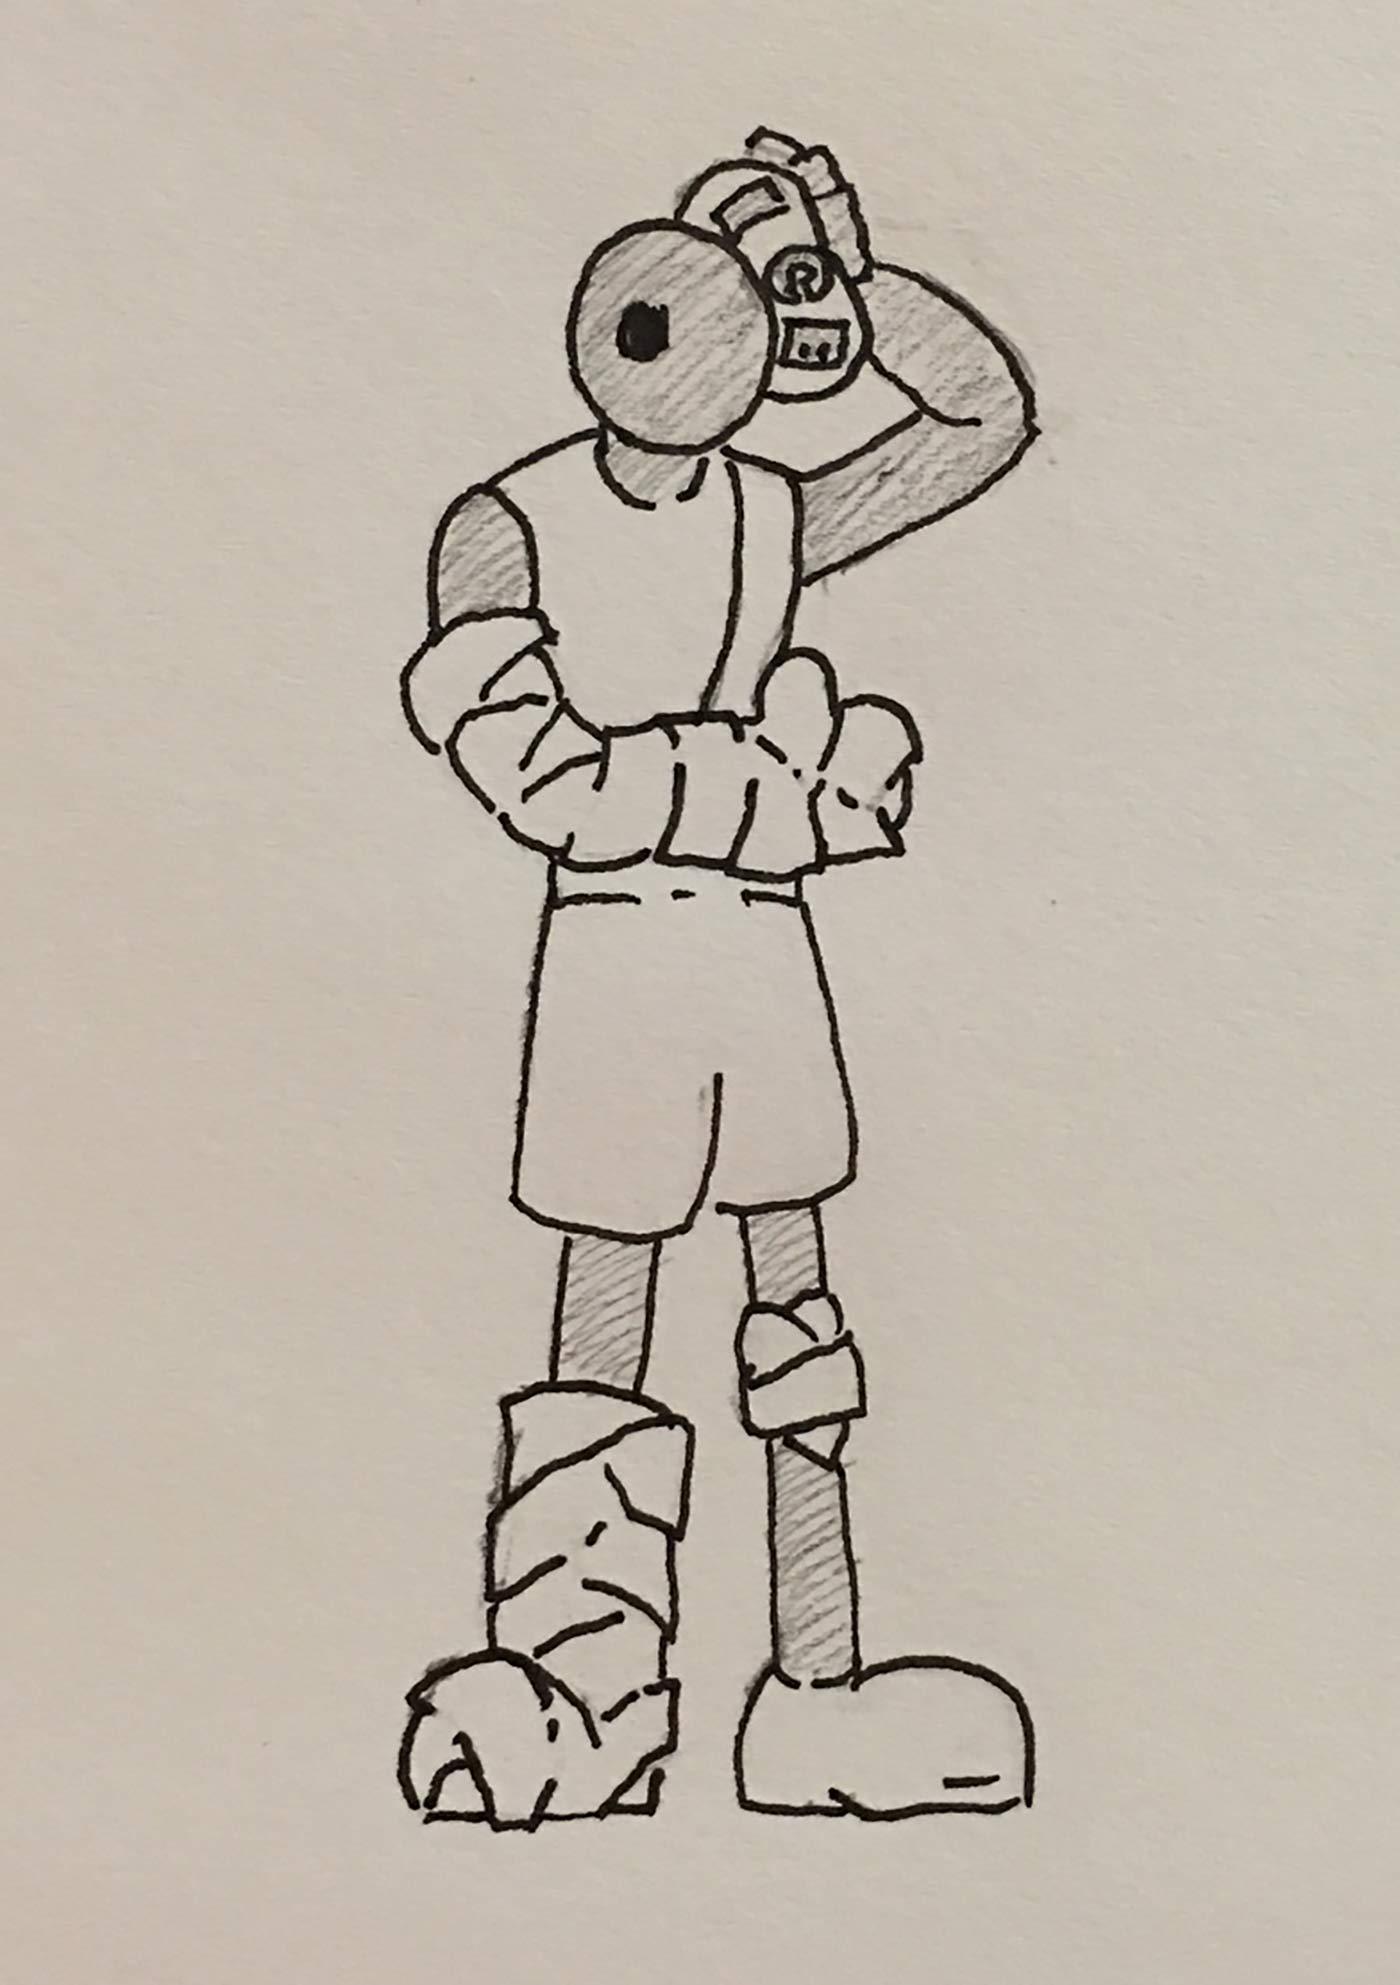 Injury drawing